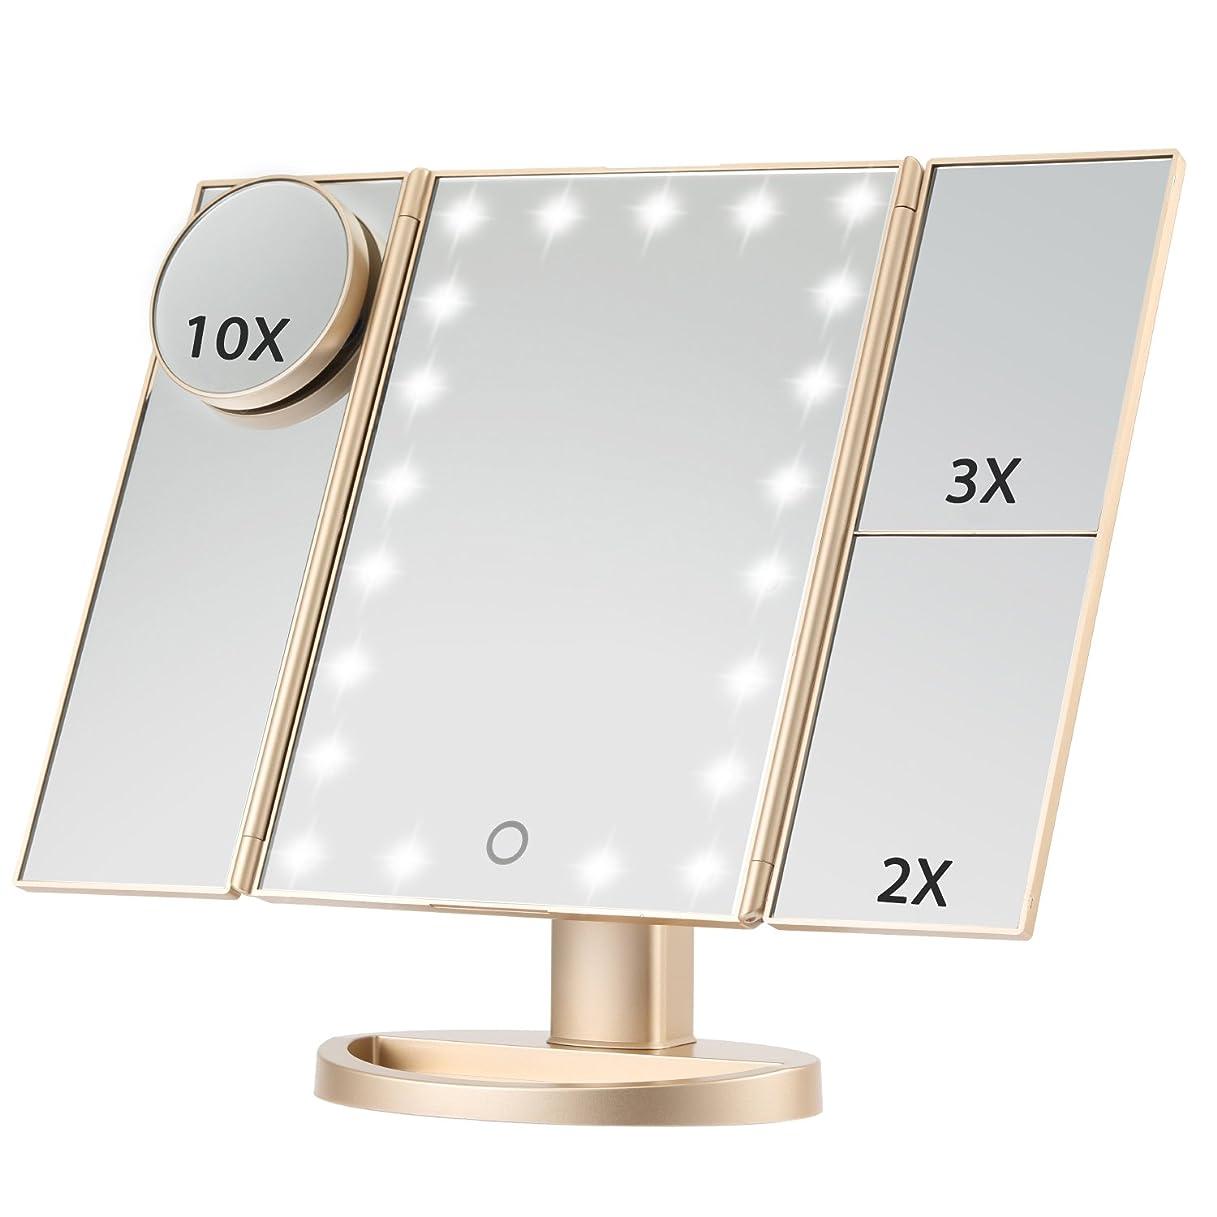 プレゼンテーションぼろパスポートMagicfly 化粧鏡 LED三面鏡 ミラー 折り畳み式 10X /3X/2X拡大鏡付き 明るさ調節可能180°回転 電池/USB 2WAY給電 (ゴルード)